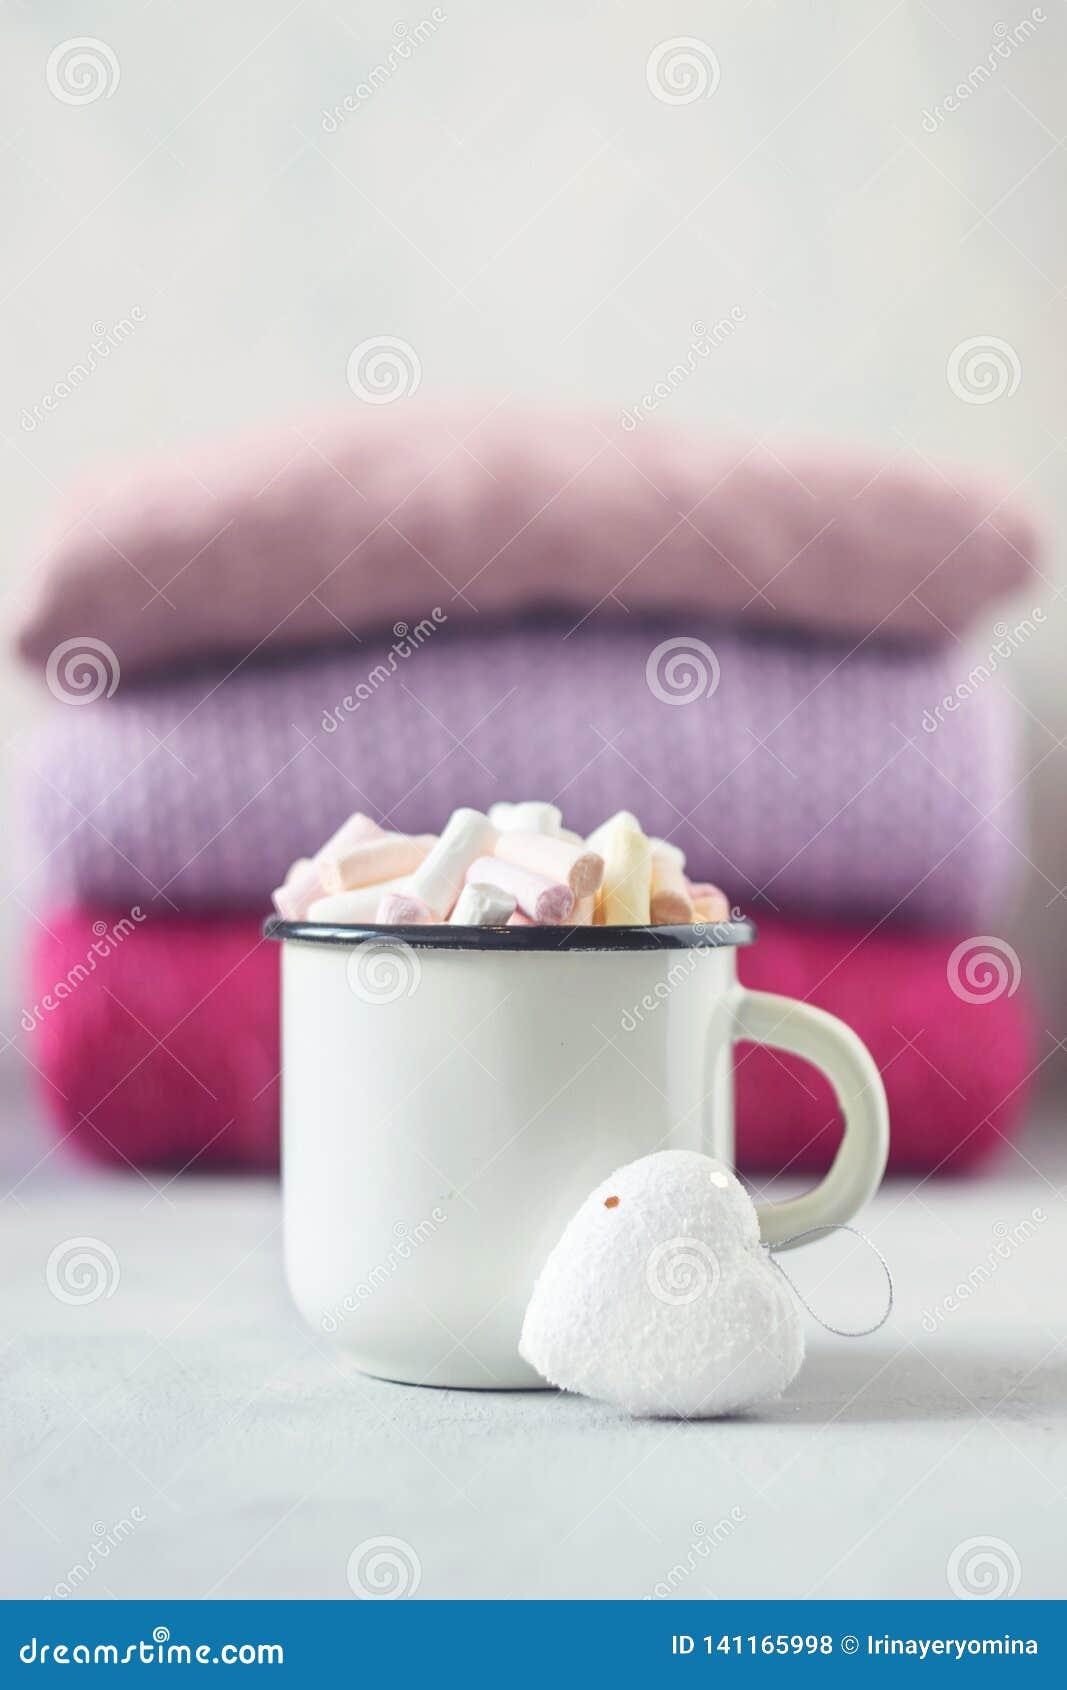 Café avec des guimauves à la tasse émaux blanche en métal et au coeur blanc sur le fond de la pile de chandails tricotés roses su